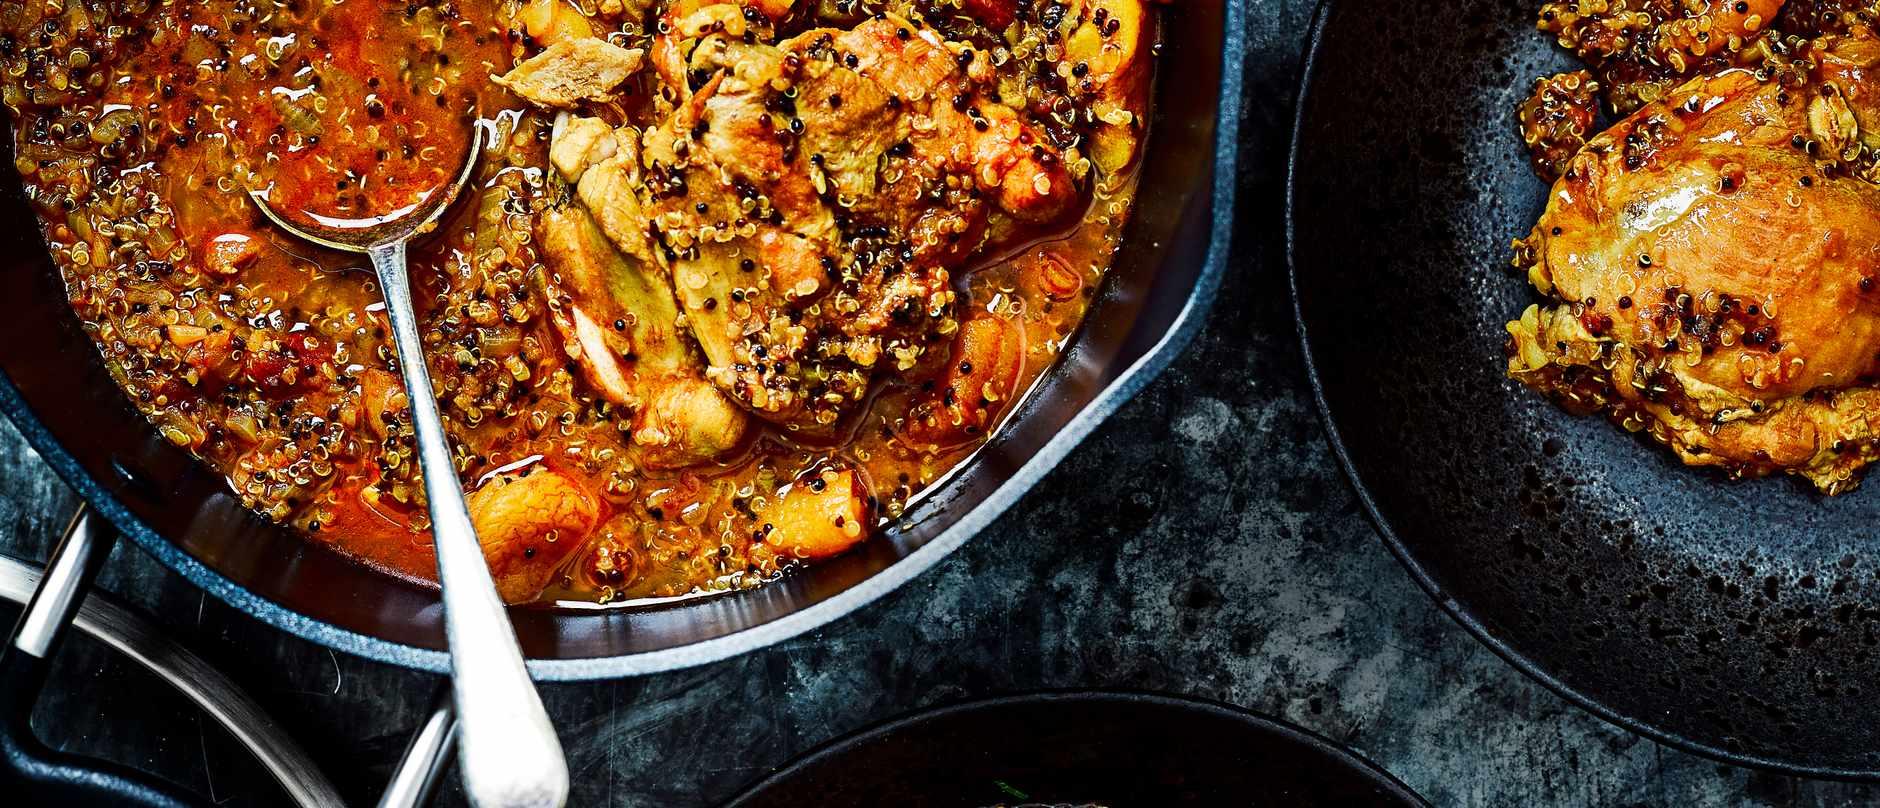 Healthy Winter Chicken Recipes Under 500 Calories Healthy Glow